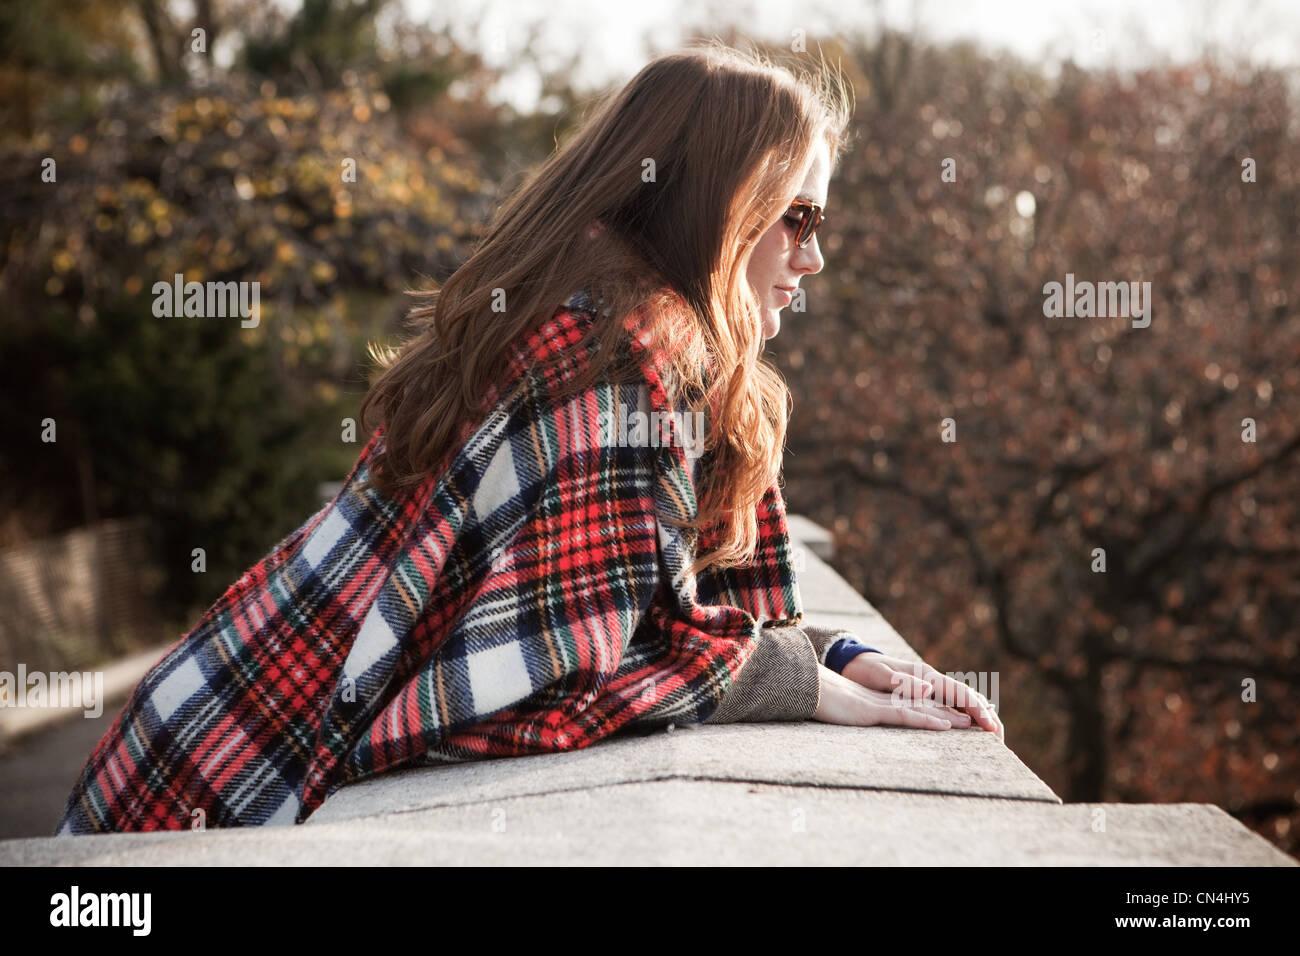 Mädchen mit karierten Decke mit Blick auf Wand Stockbild